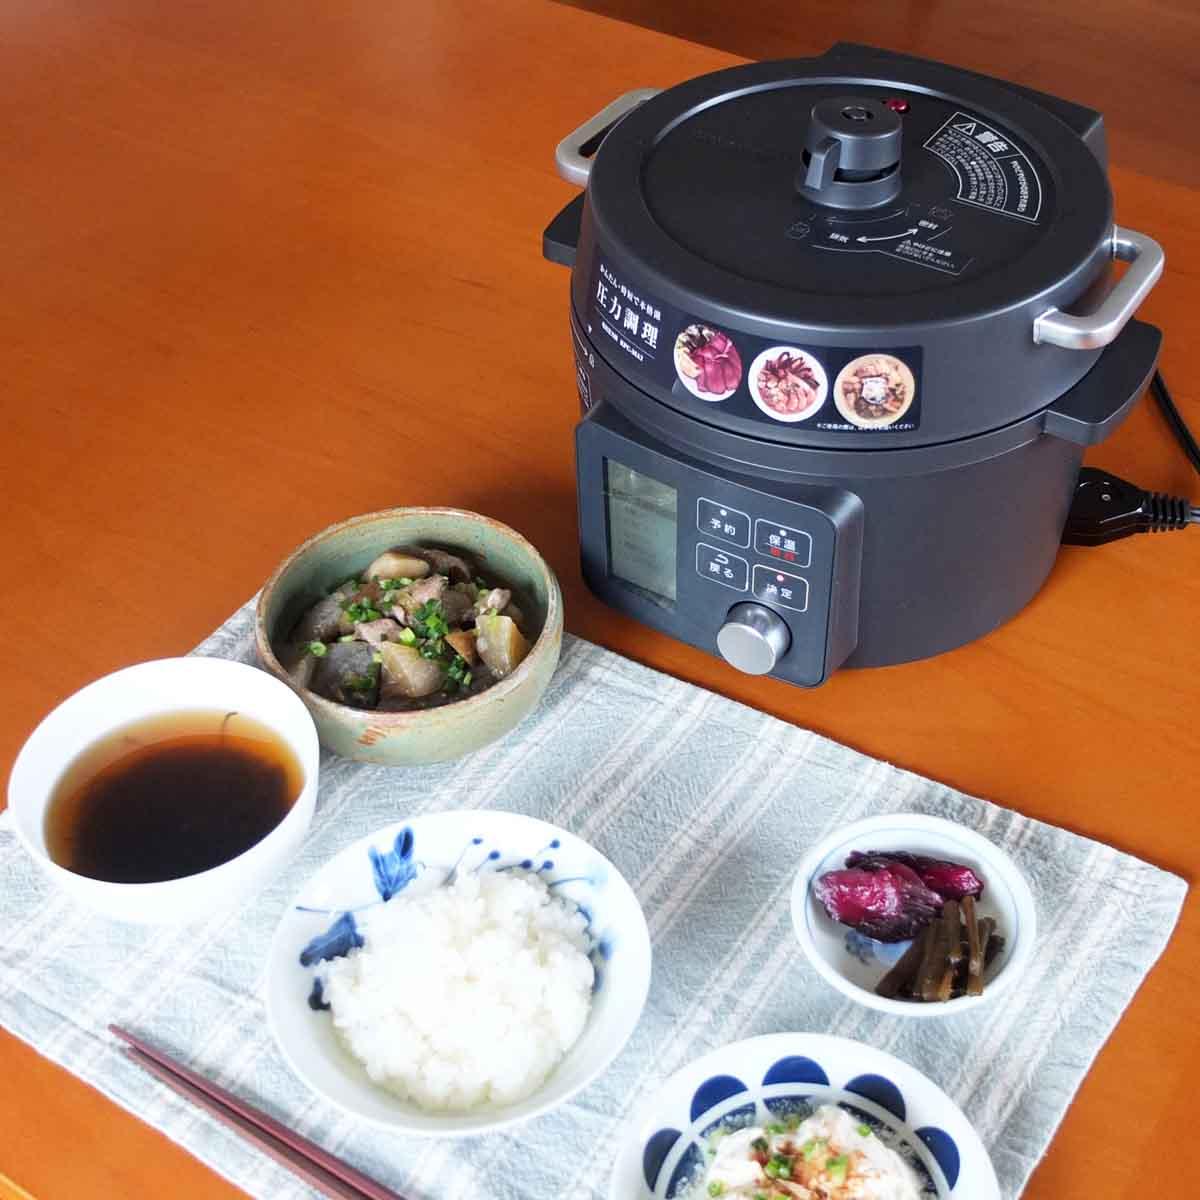 グリル鍋にもなる! アイリスオーヤマの電気圧力鍋は1〜2人世帯にちょうどイイ